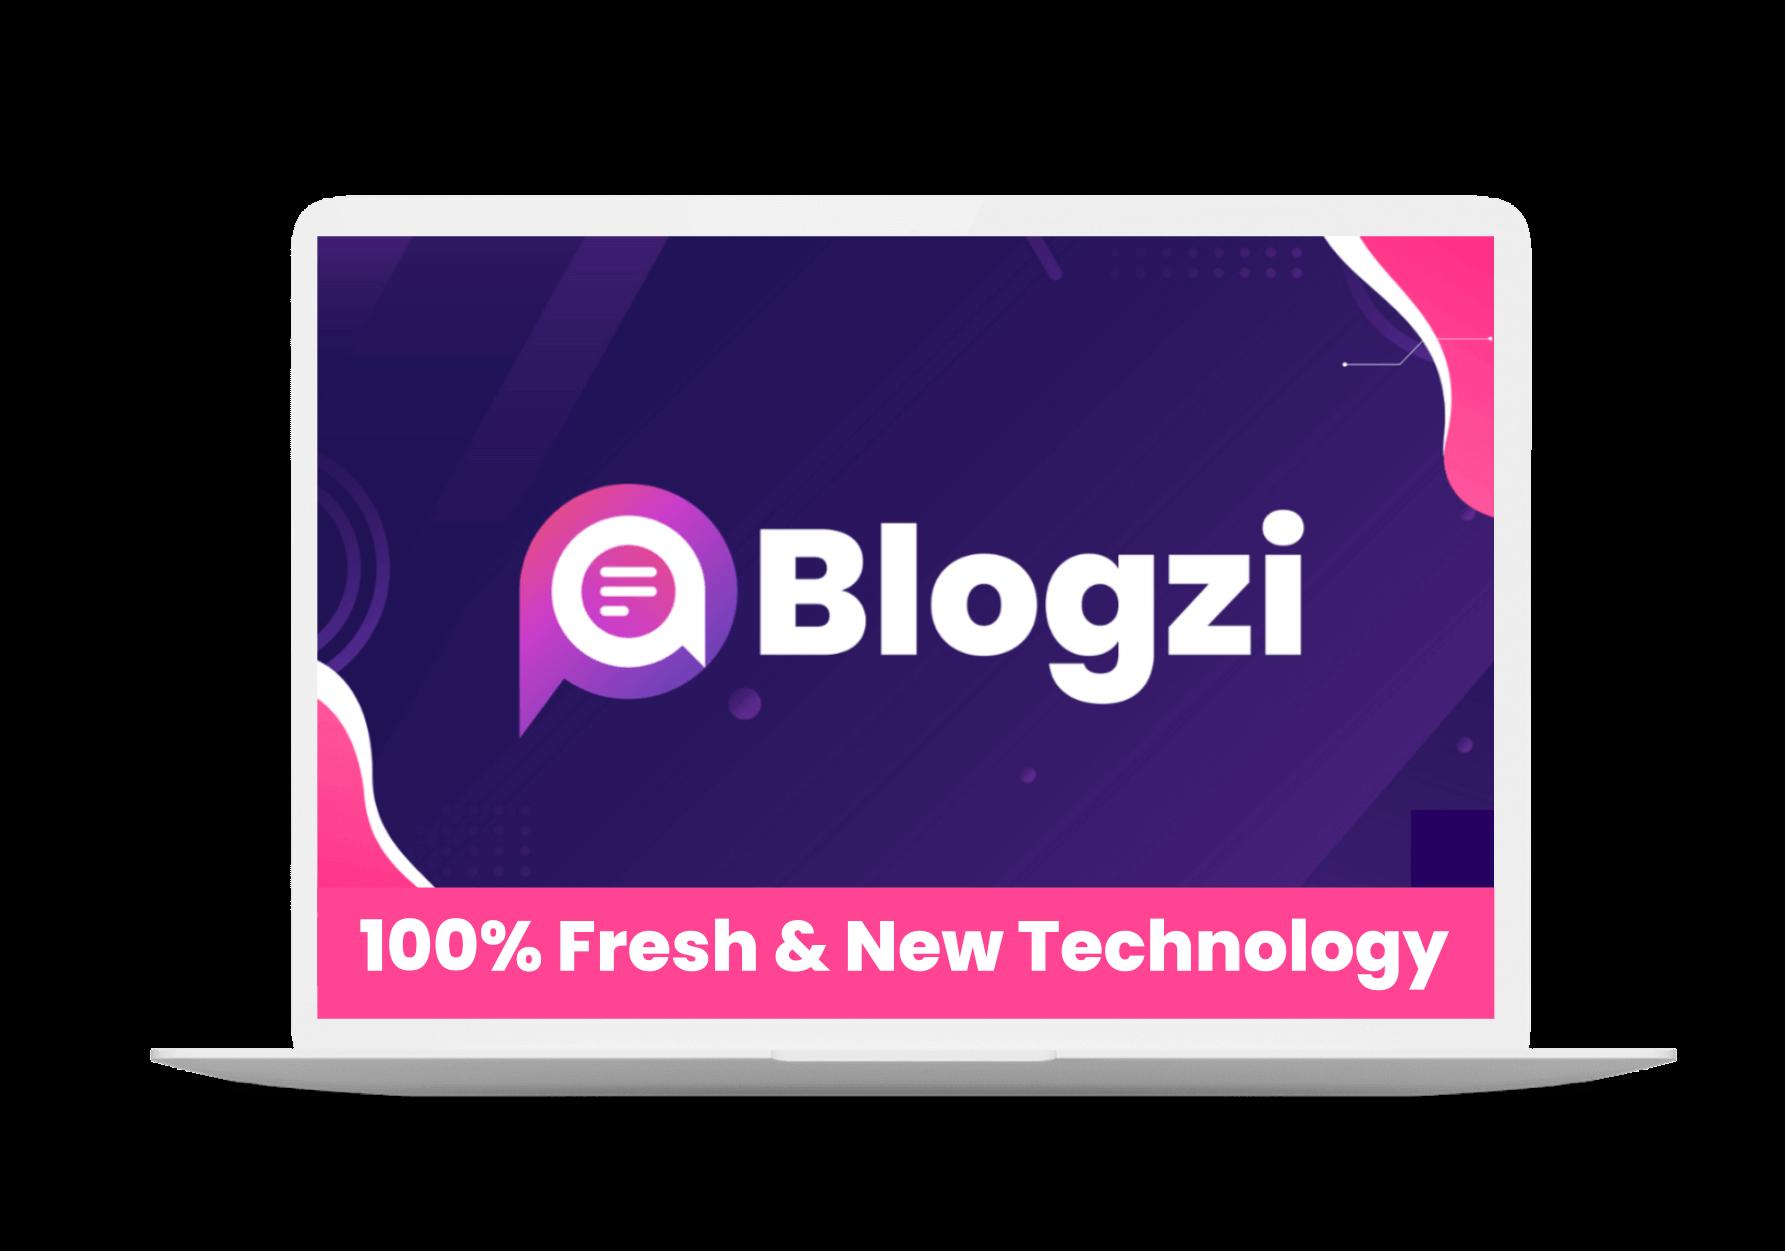 Blogzi-feature-12